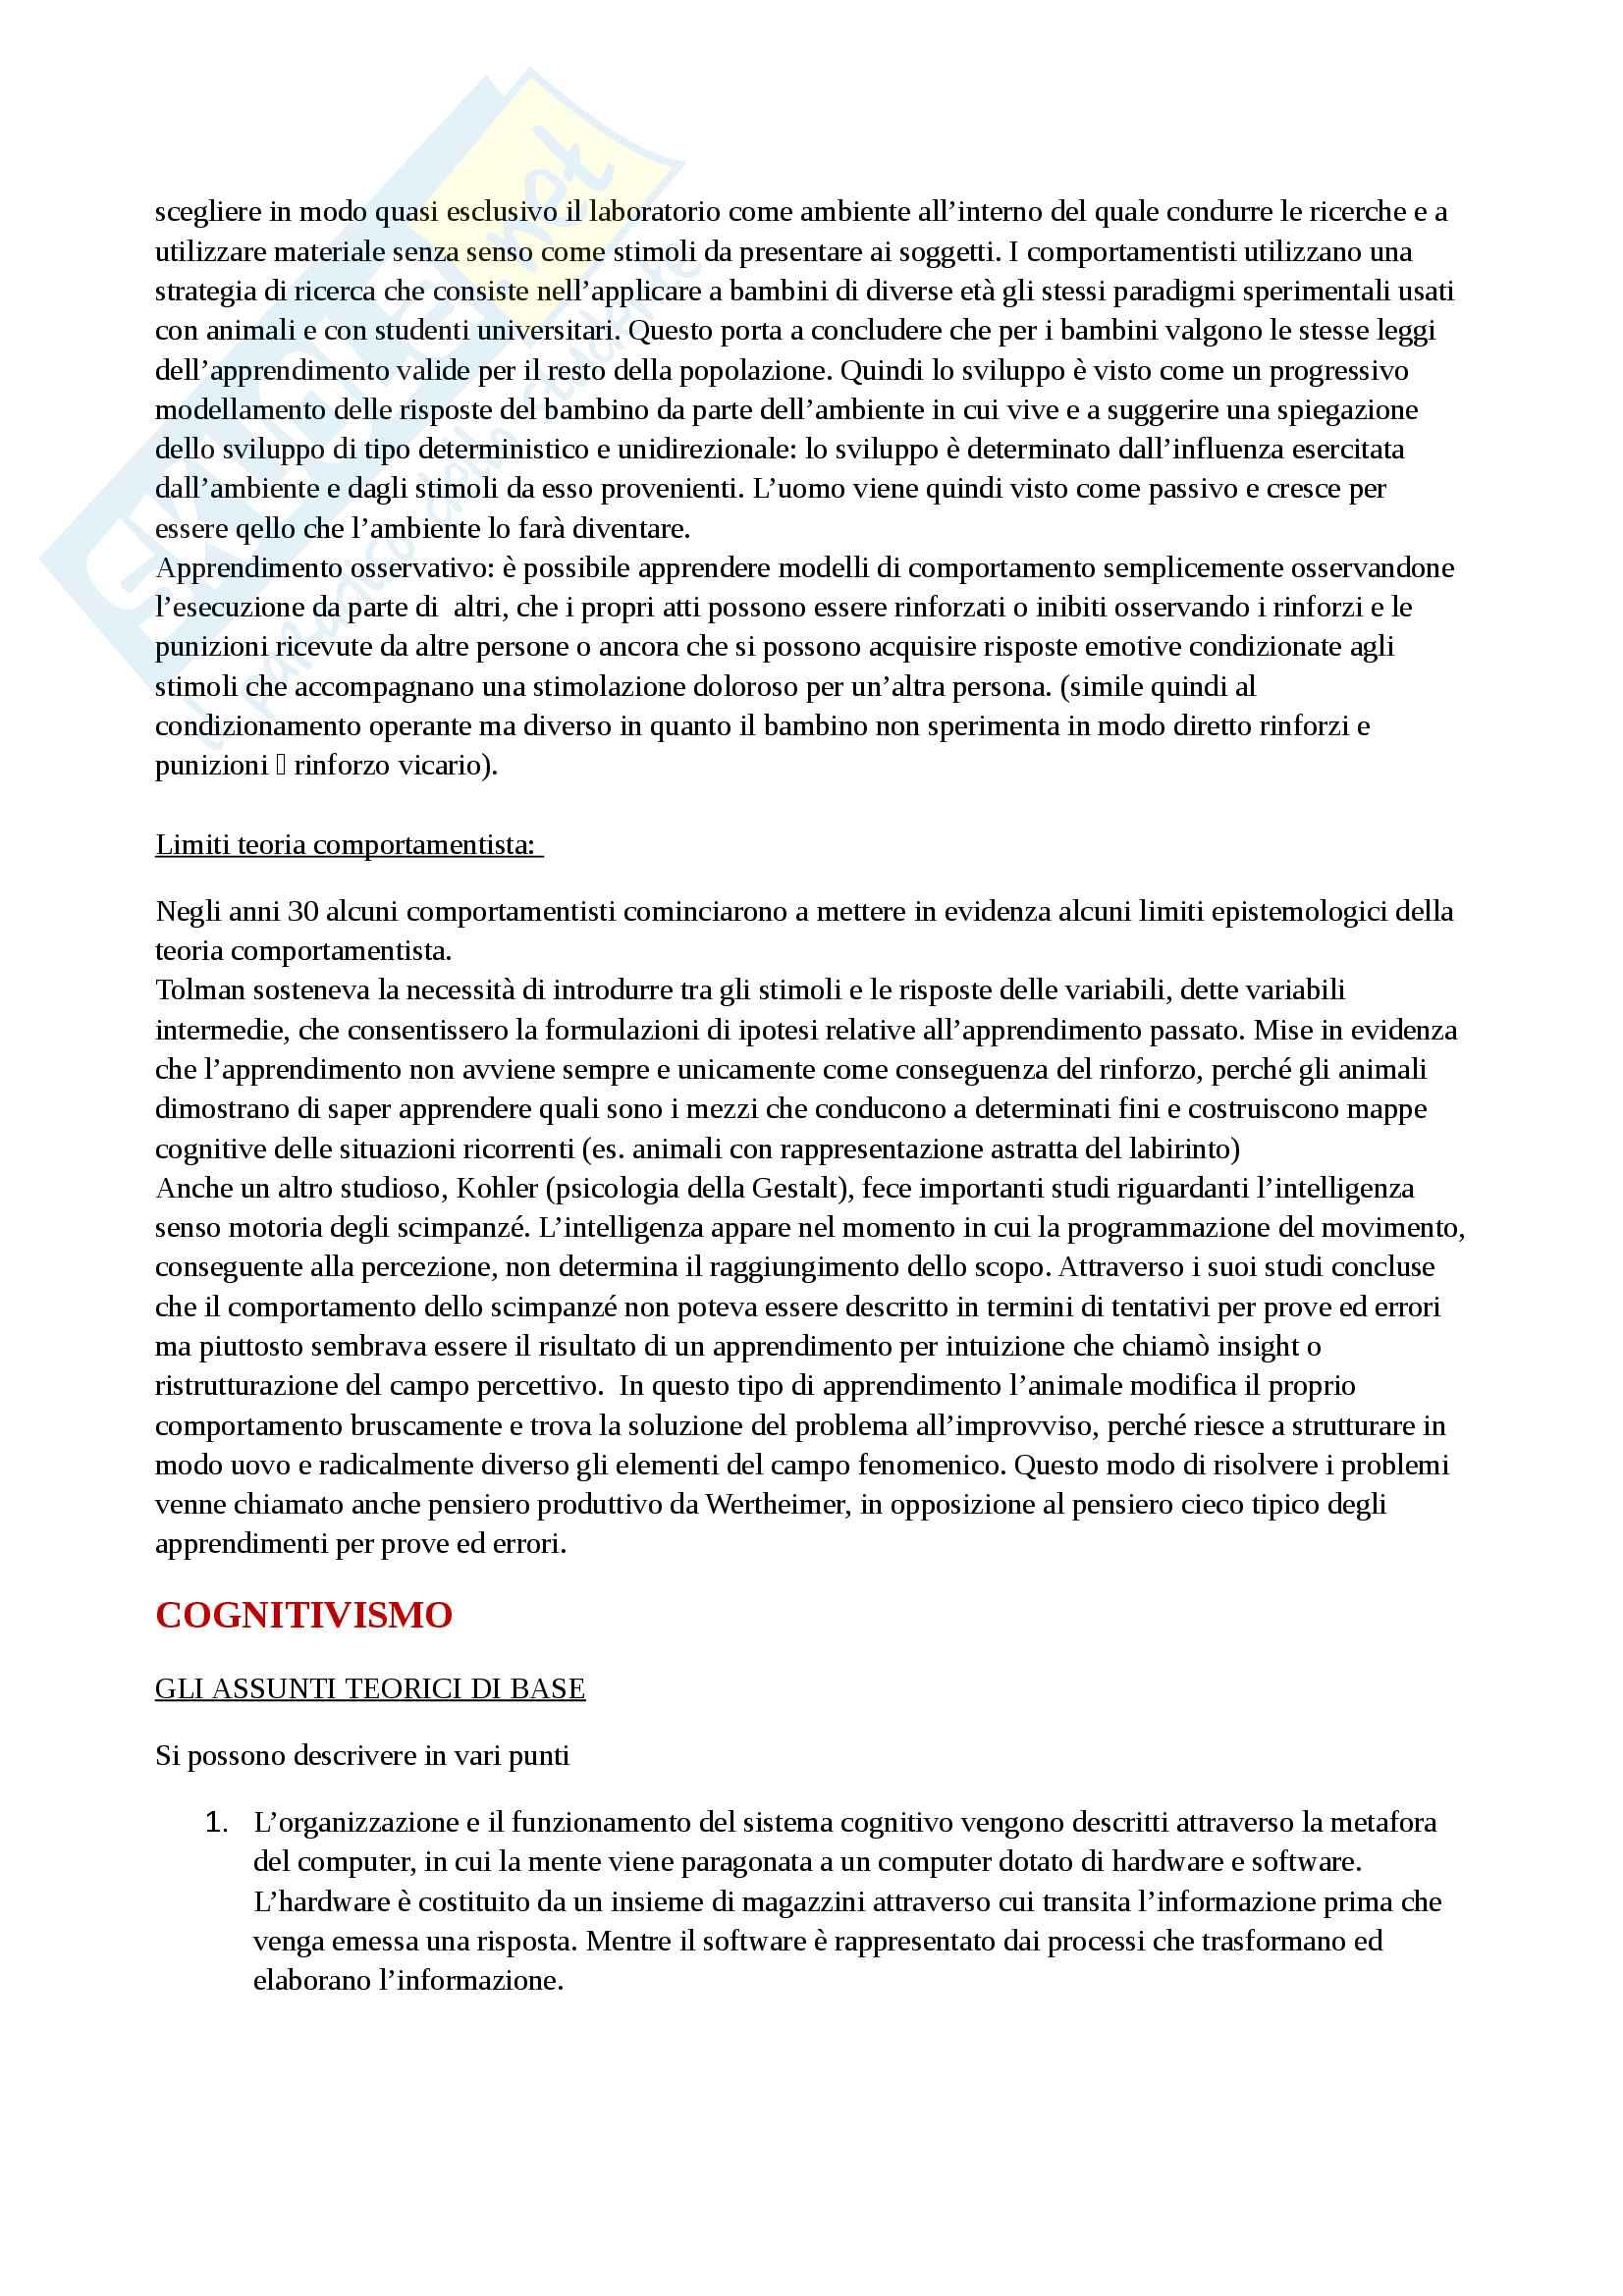 """Riassunto esame Psicologia dello Sviluppo Cognitivo, prof.ssa Simion, libro consigliato """"Macchi Cassia V., Valenza E., Simion F., Lo sviluppo della mente umana"""" Pag. 2"""